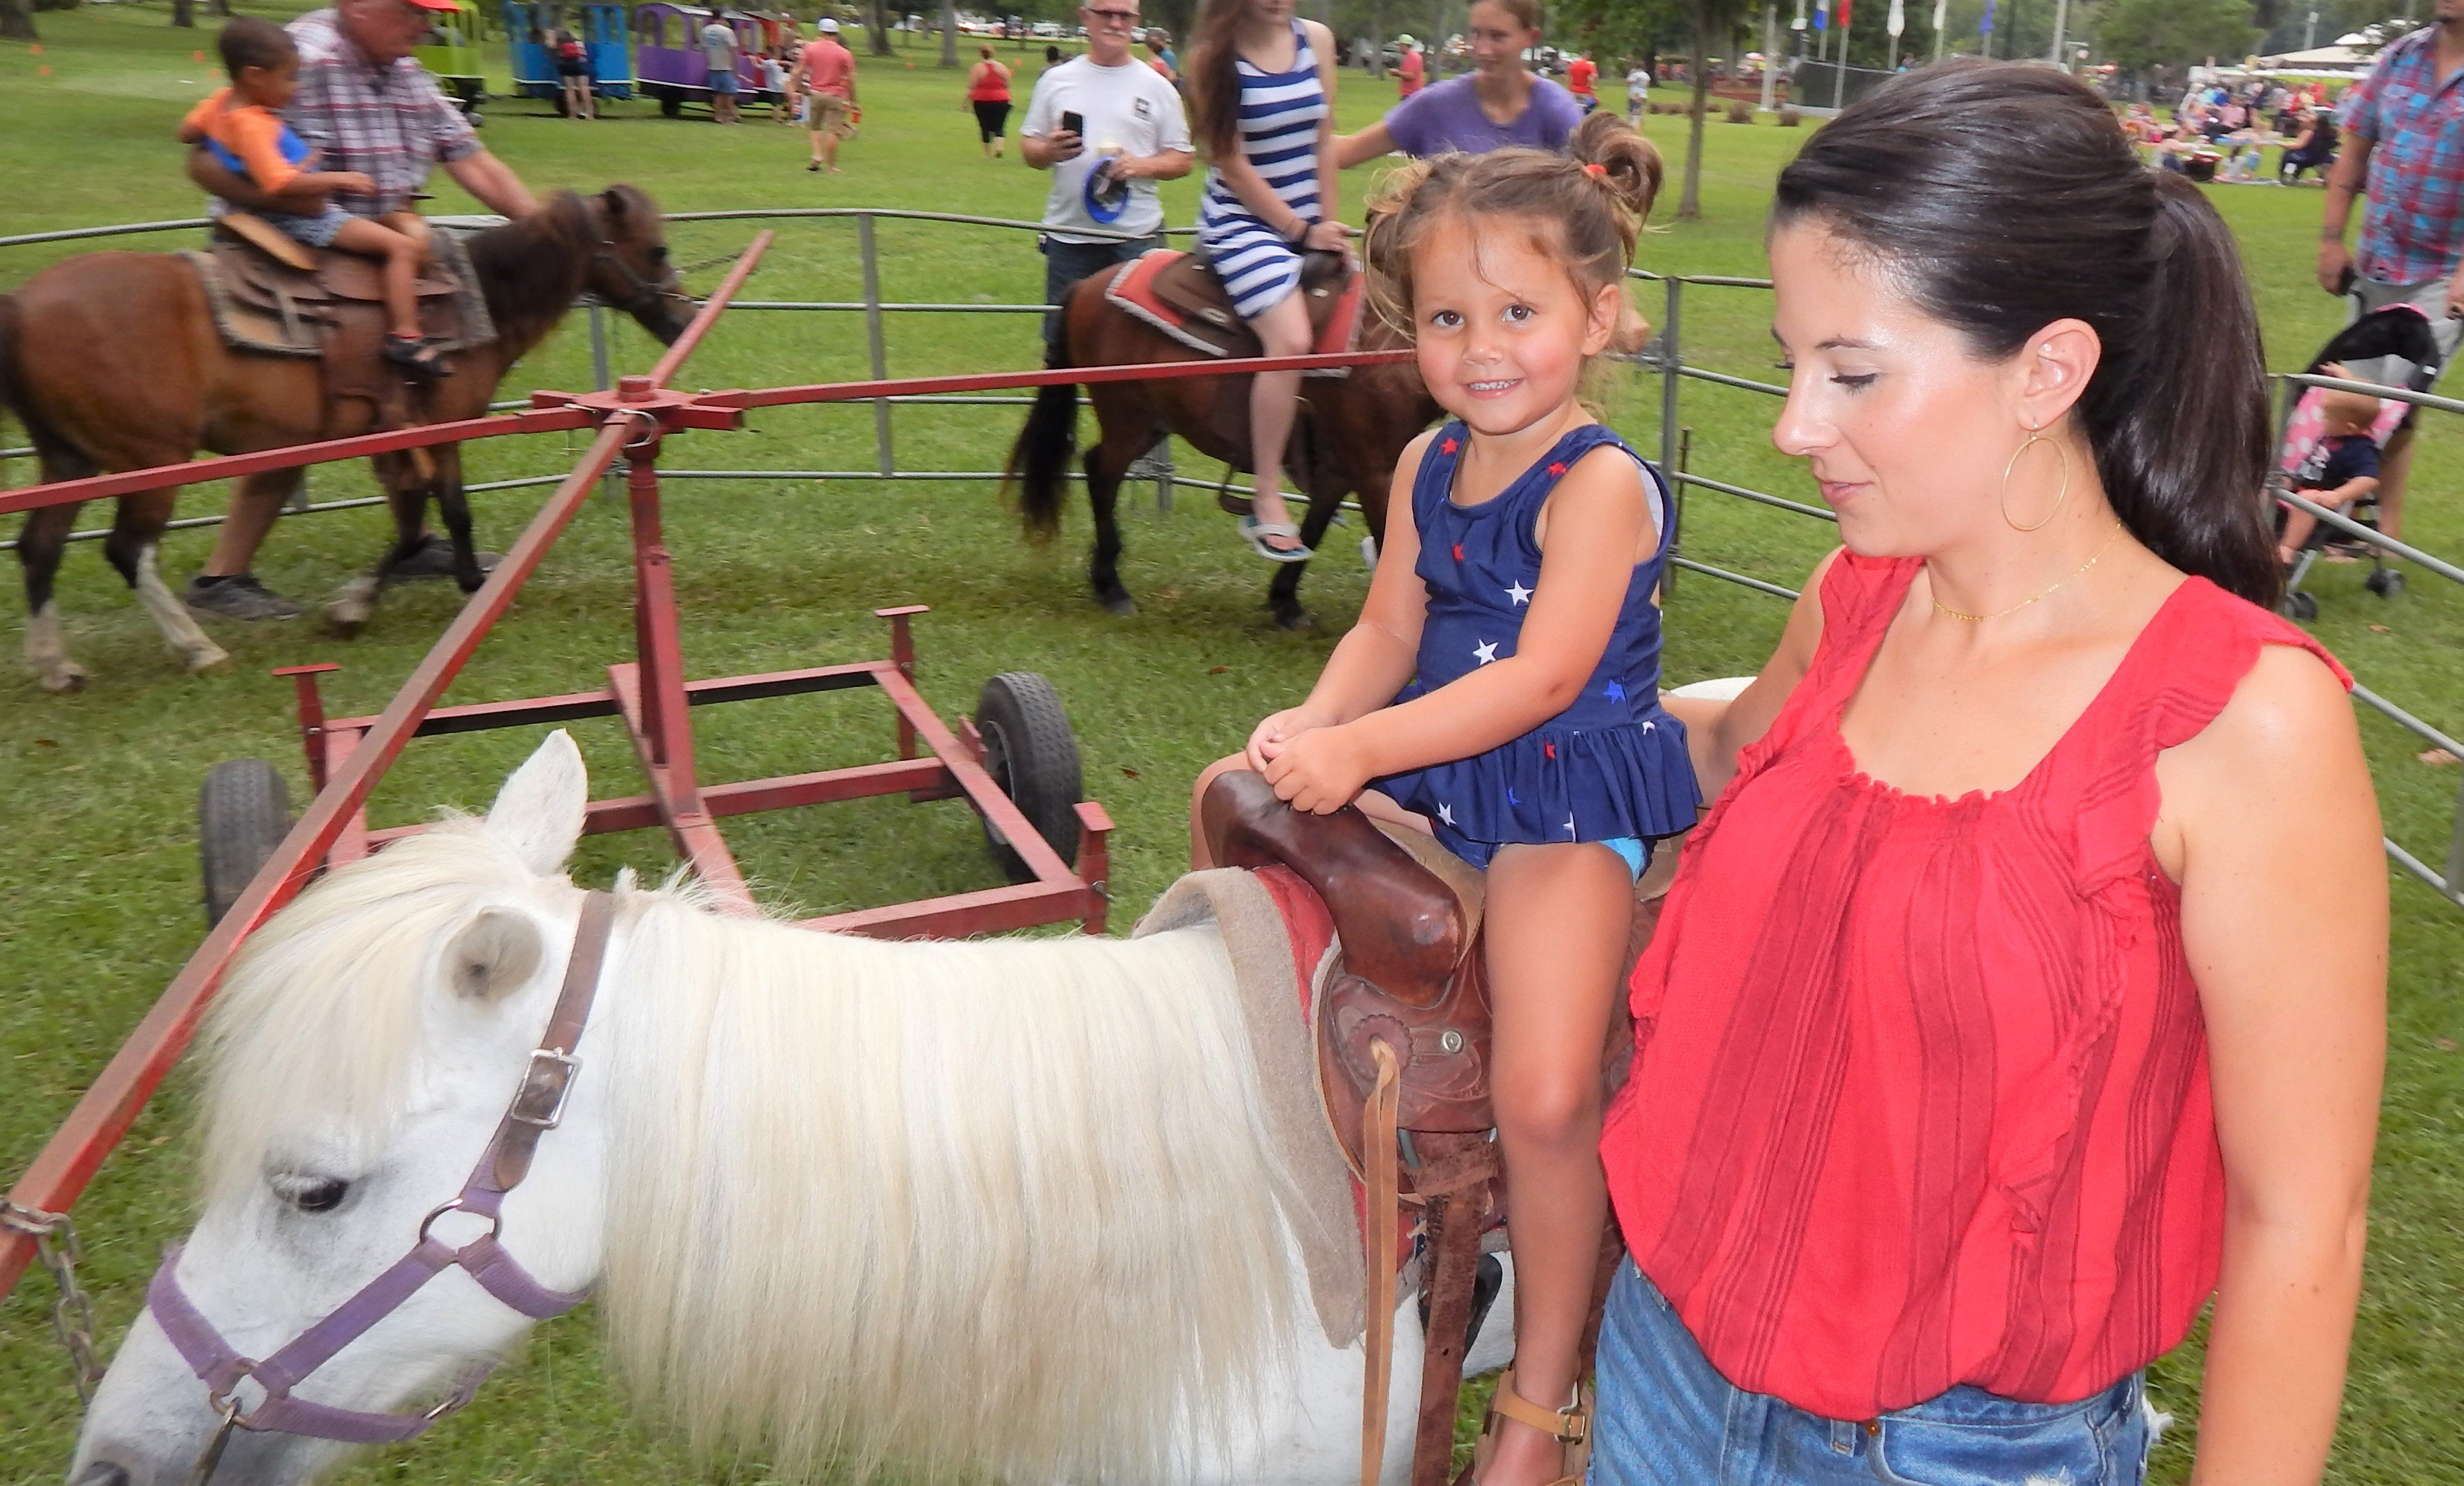 Kids enjoyed pony rides. Photo by Mark Swendra